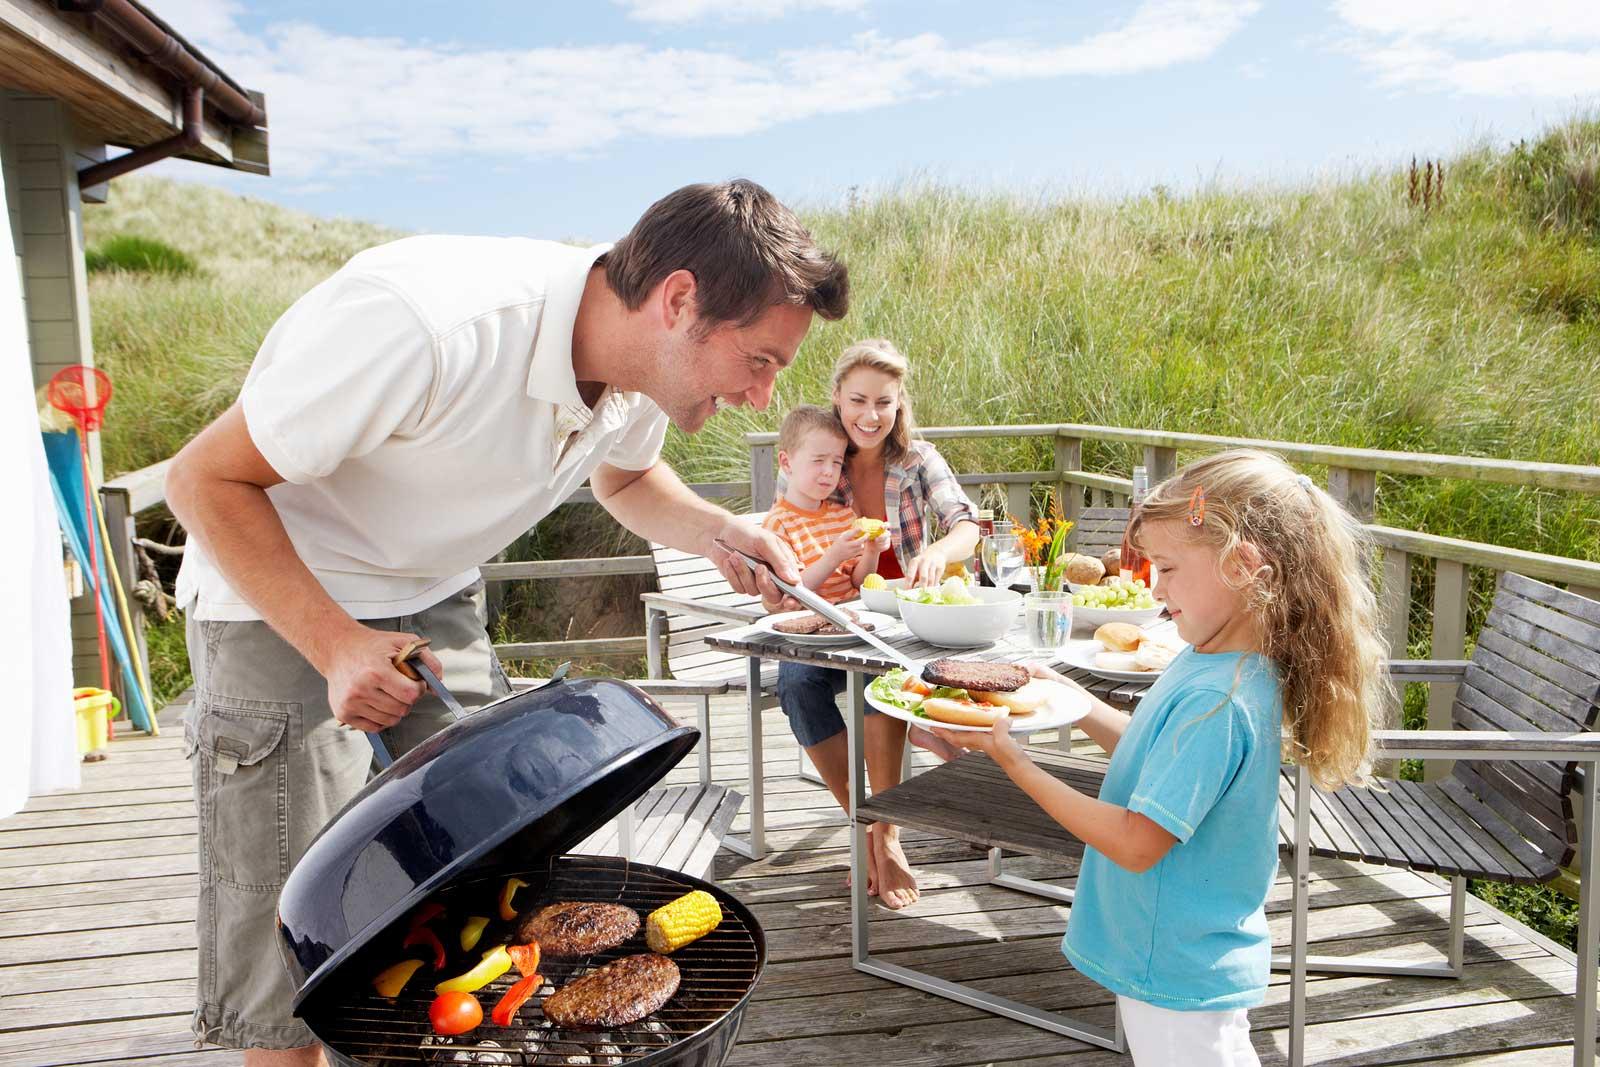 Barbecue au charbon de bois est rangé temporairement sur la véranda des maisons.